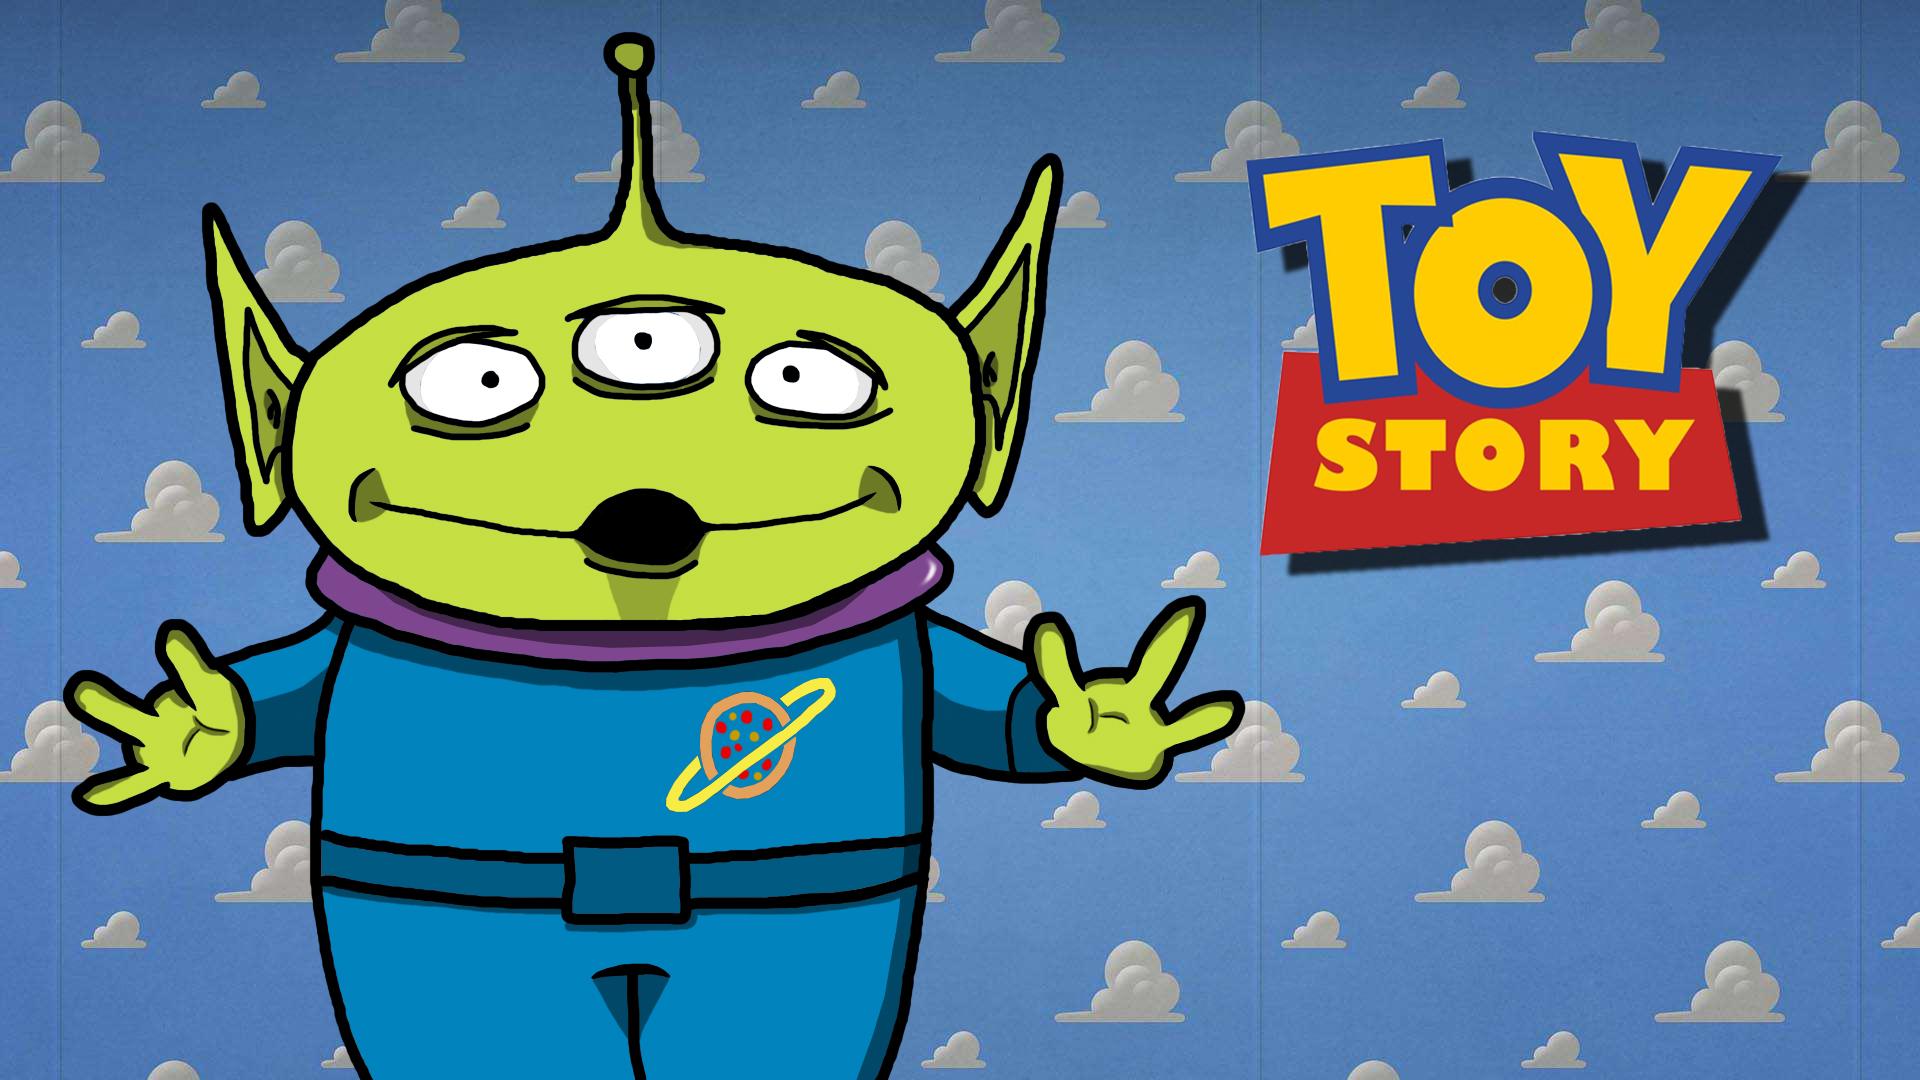 Toy story alien background fix by Pogostick47 on DeviantArt